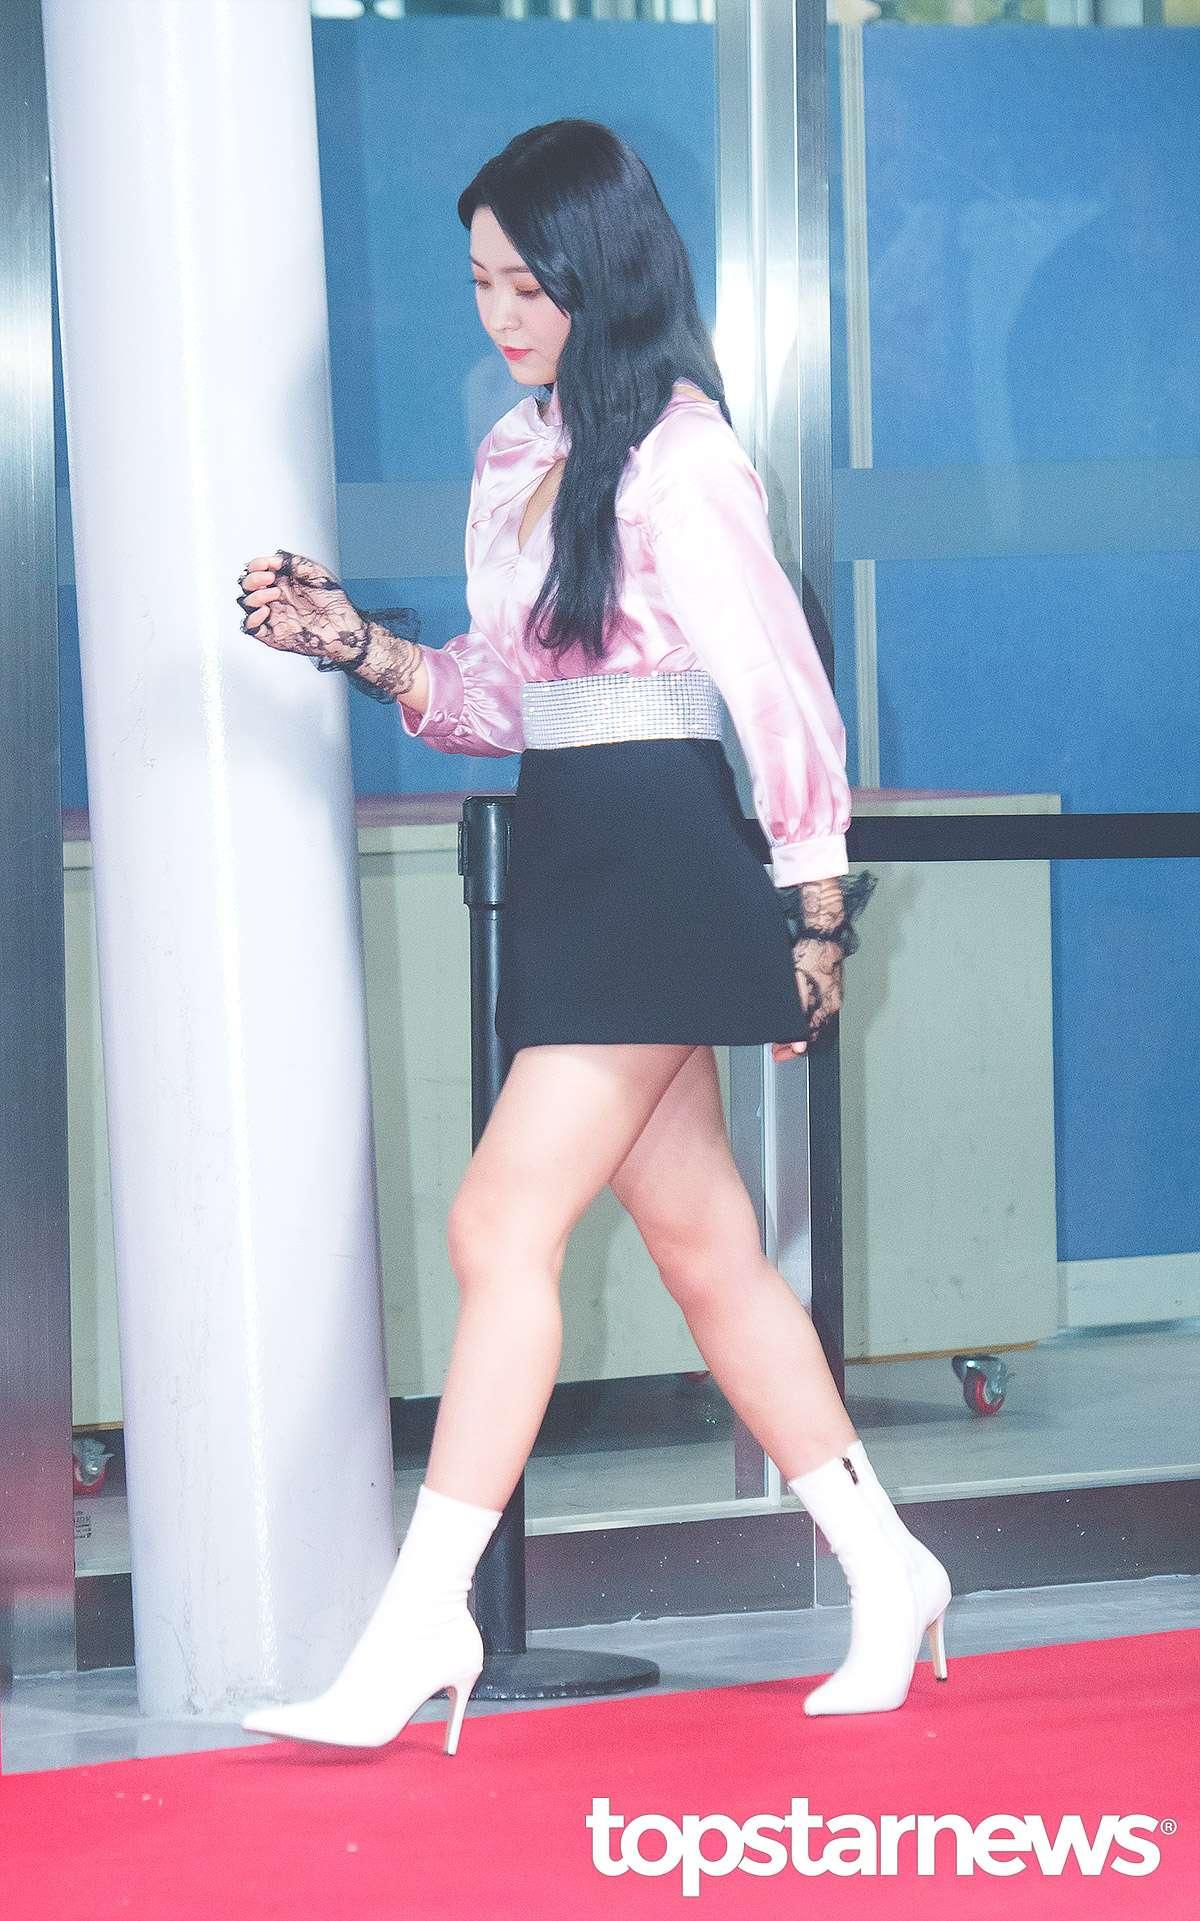 除了深色系之外,白色細的短靴也很受到偶像們的推崇,Yeri腳上這雙細跟短靴就非常具有性感和特色,通常細跟的款式看起來會比較成熟且有女人味,配上淡色系的白色靴款,絕對是穿搭的一大重點!